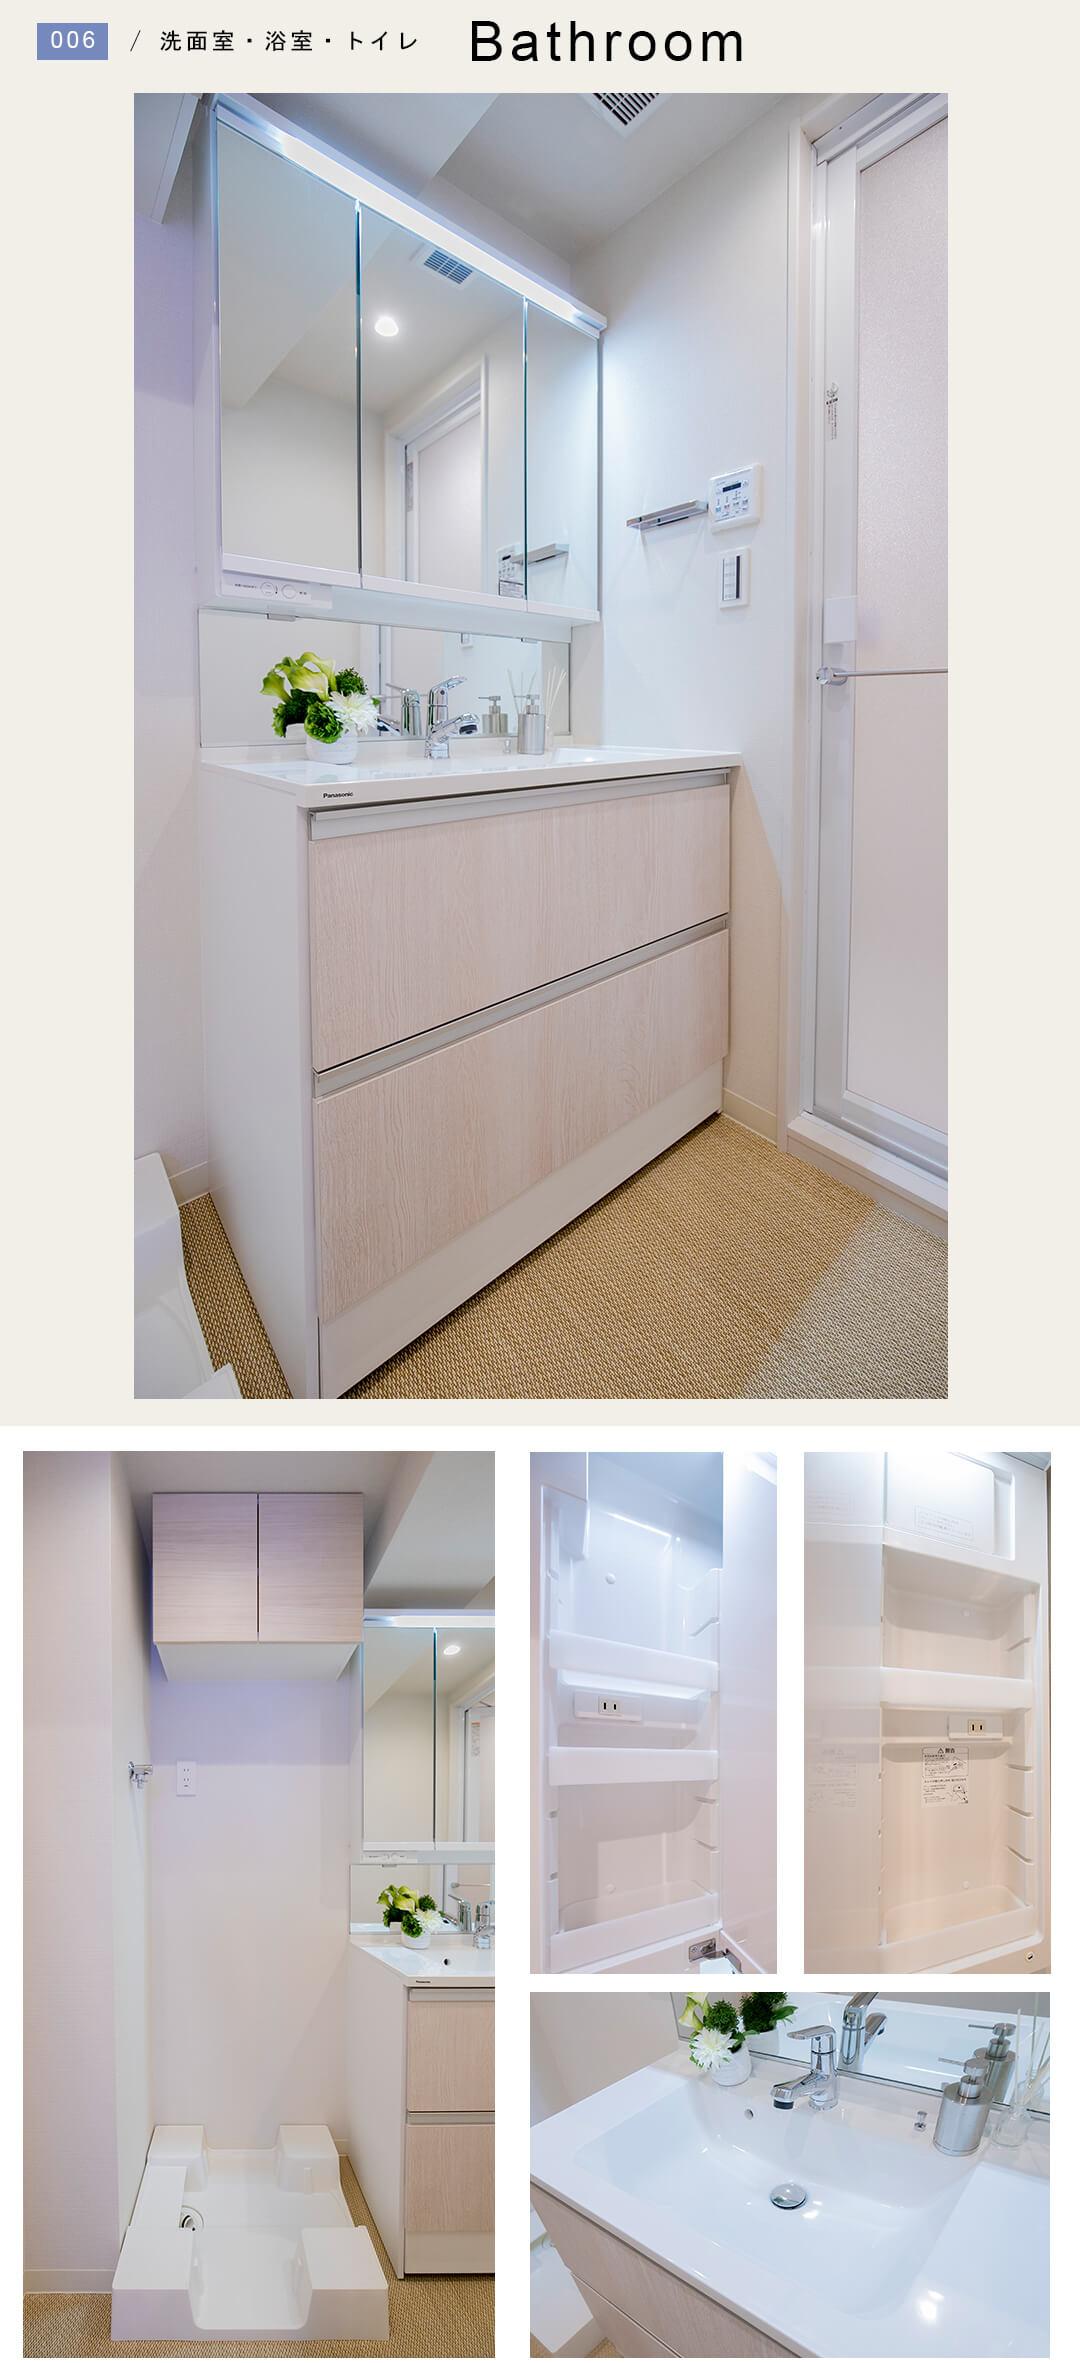 共栄ハイツ東高円寺の洗面室